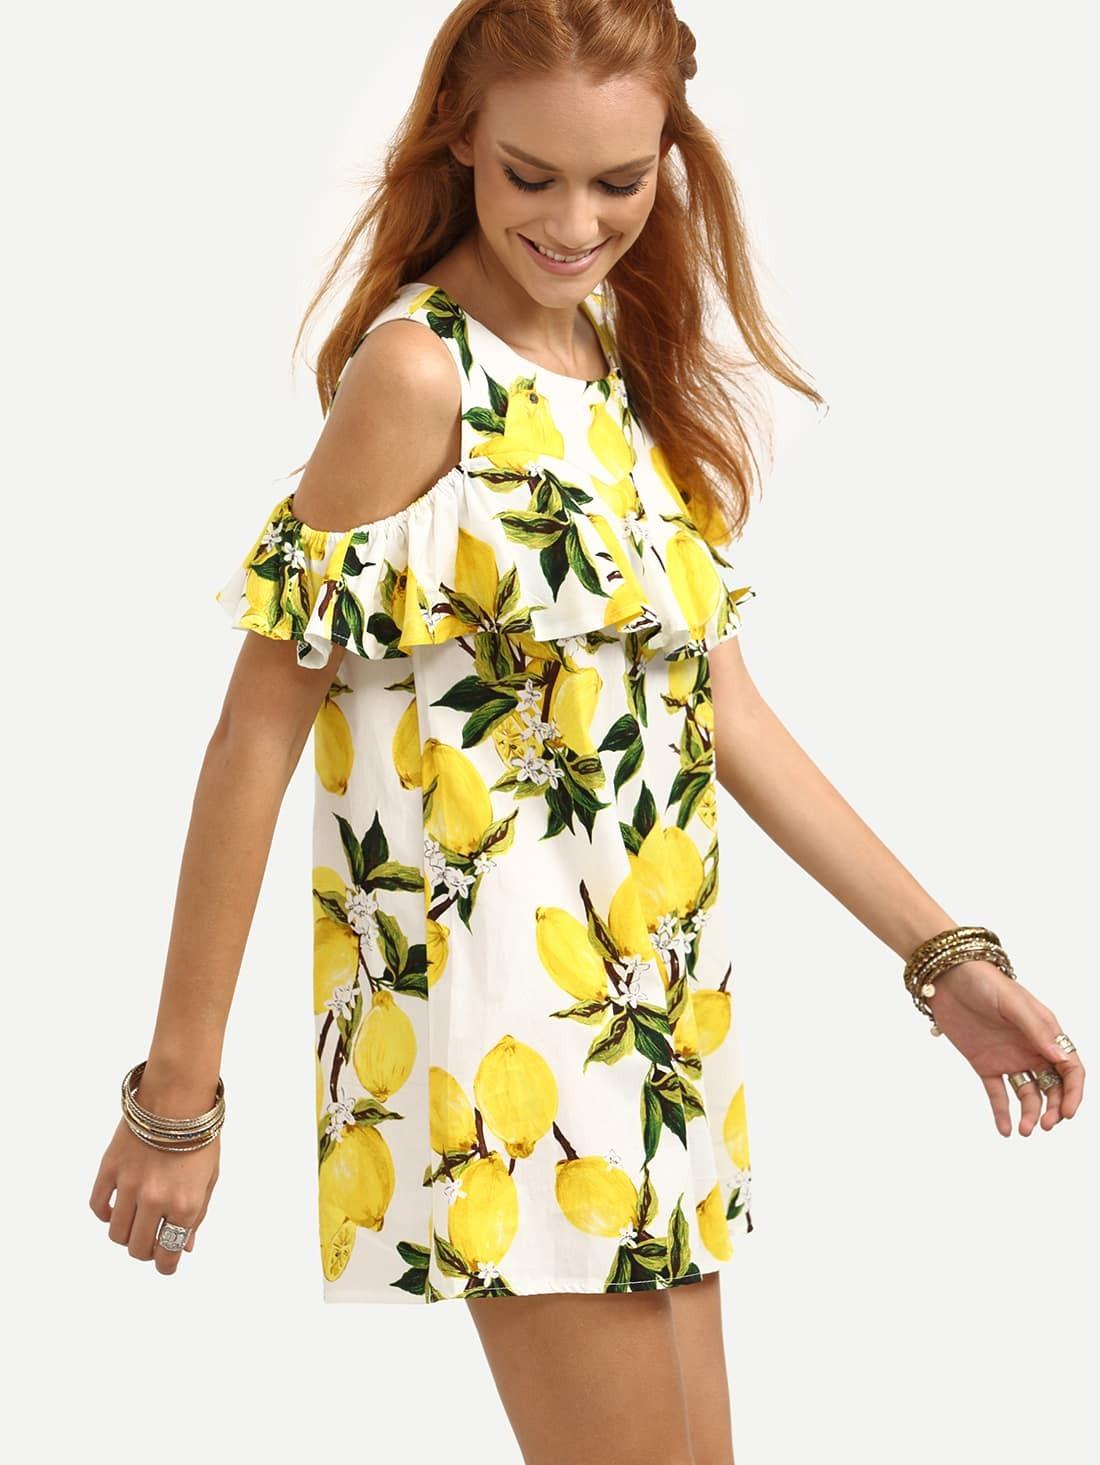 c76e0f301c Open Shoulder Ruffled Lemon Print Dress - Yellow EmmaCloth-Women ...